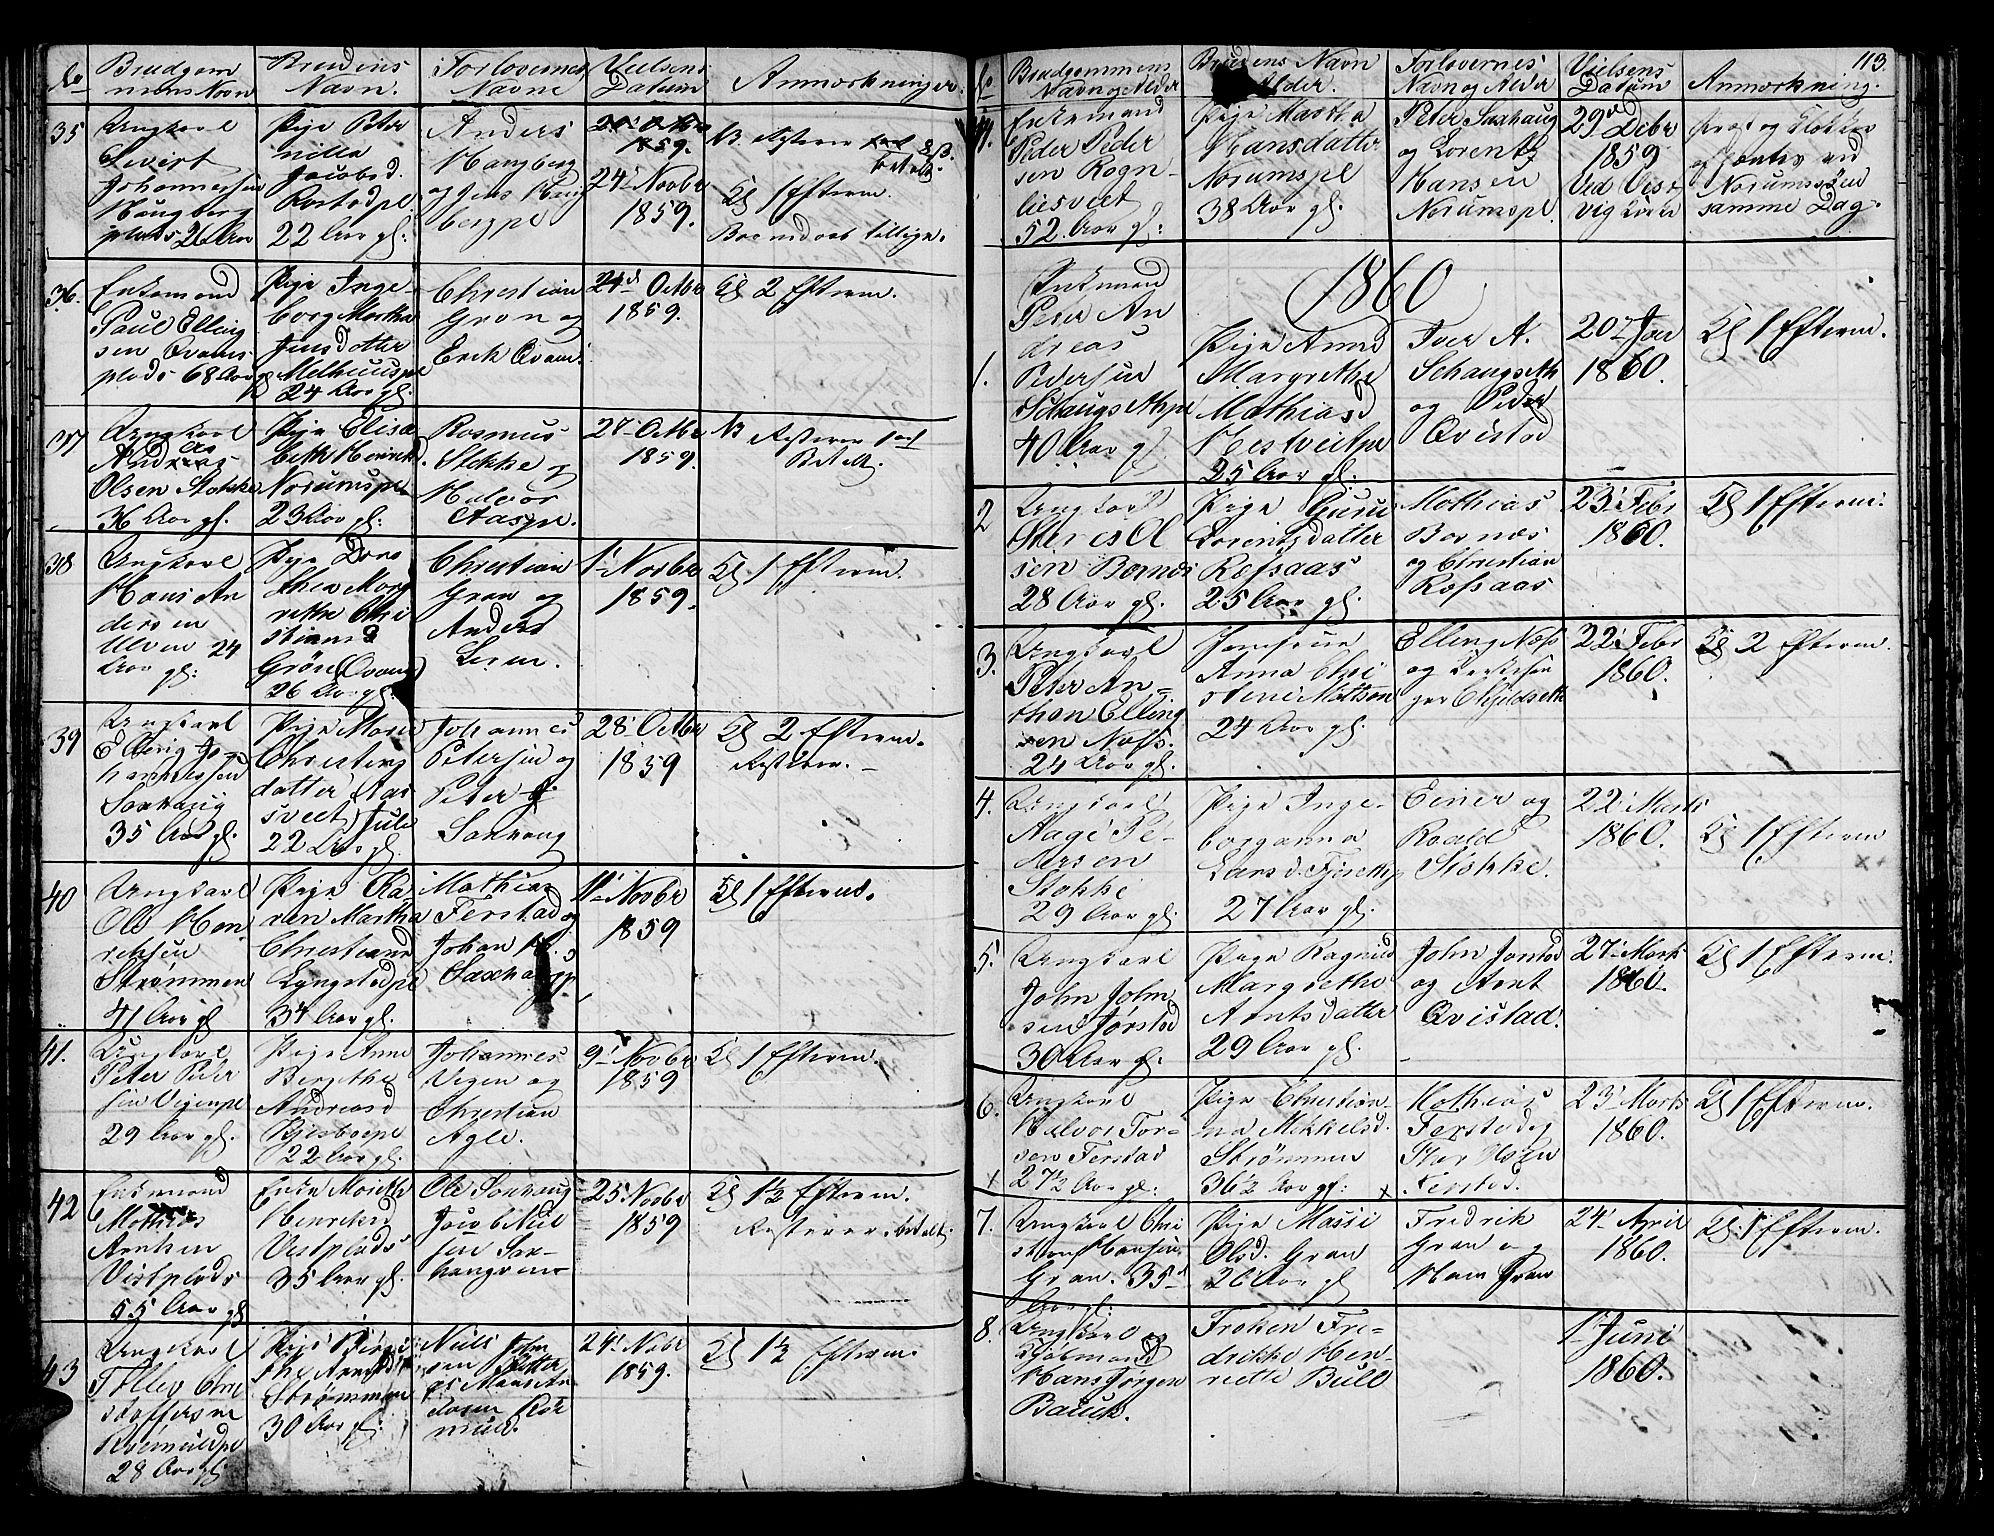 SAT, Ministerialprotokoller, klokkerbøker og fødselsregistre - Nord-Trøndelag, 730/L0299: Klokkerbok nr. 730C02, 1849-1871, s. 113